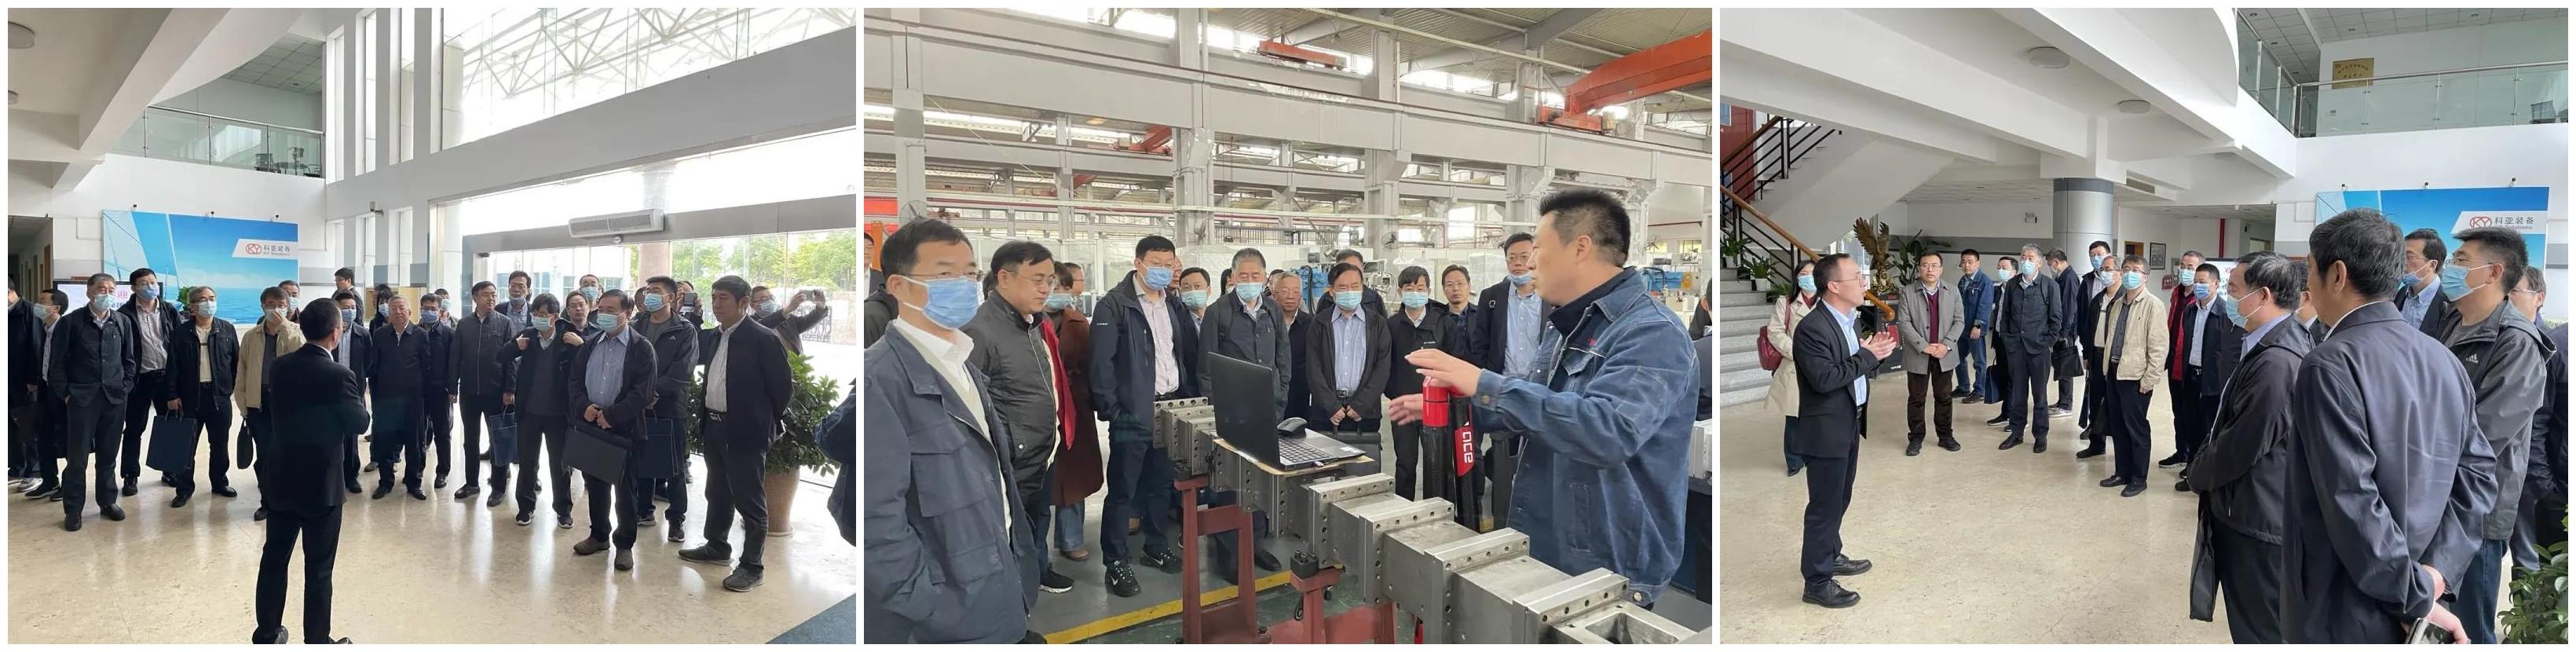 中国石化集团公司产业转型升级专题研讨班赴南京科亚参观考察!